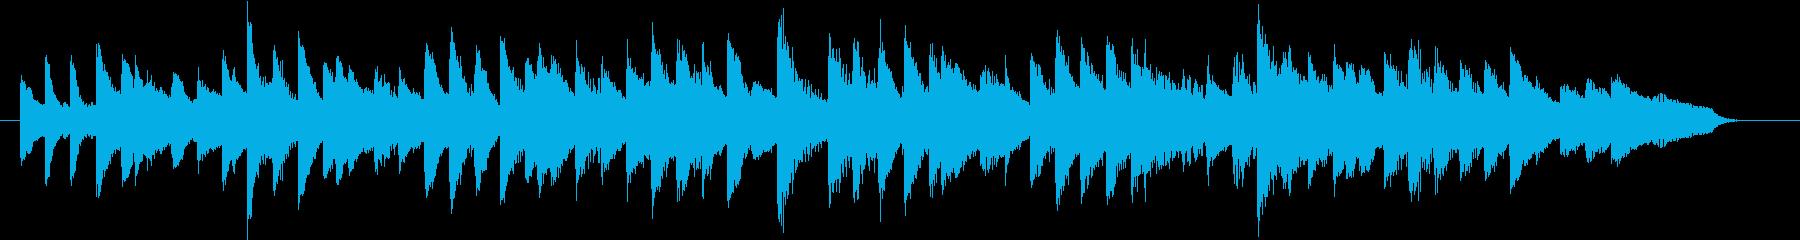 静かでたわやかなハートフルピアノジングルの再生済みの波形